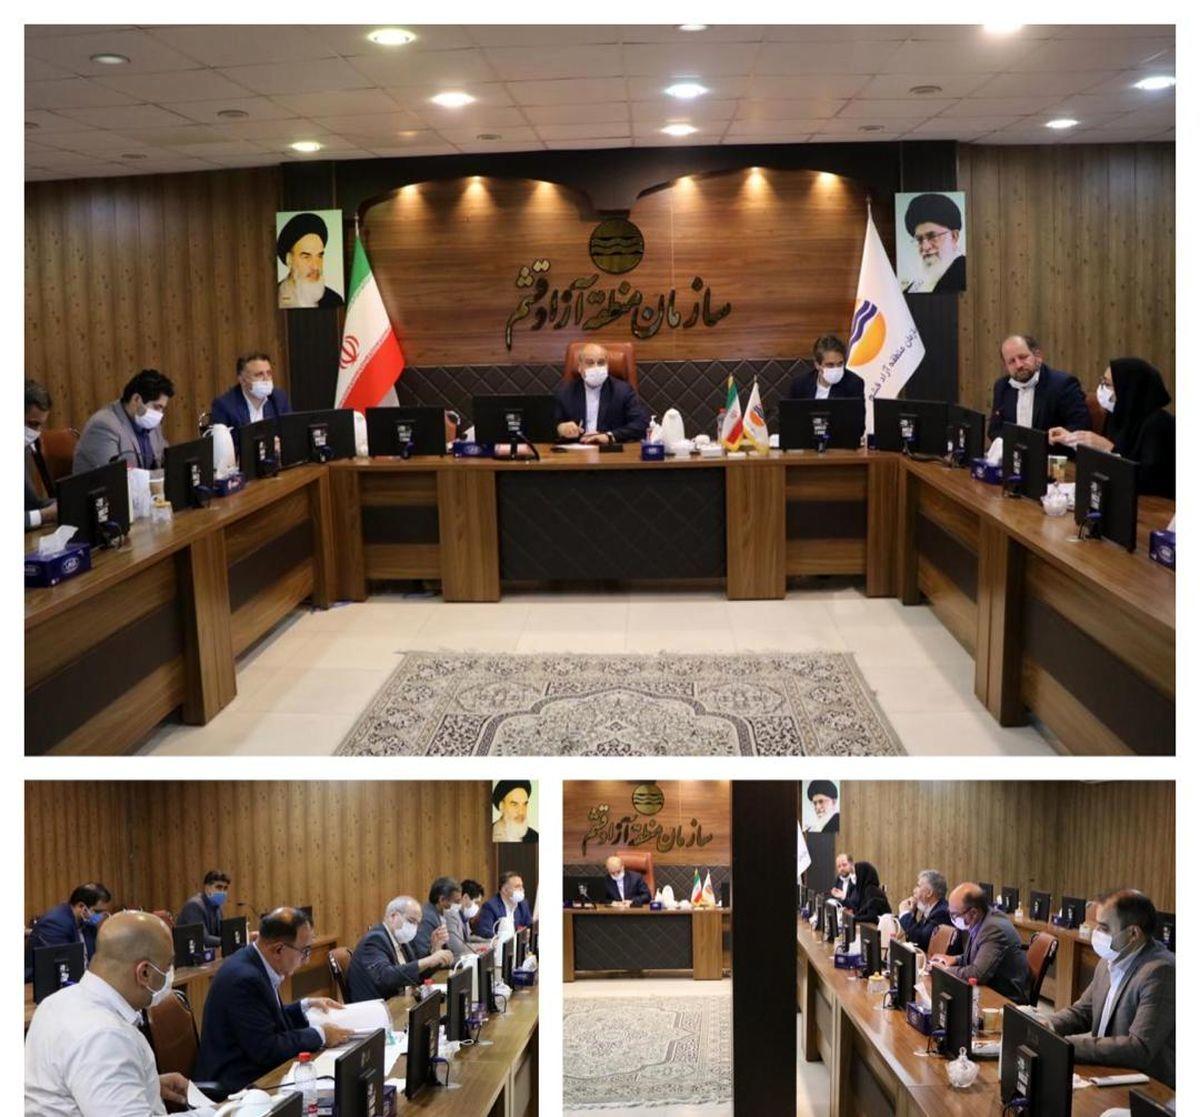 جلسه بررسی پروژه های عمرانی سازمان منطقه آزاد قشم (صحن بوستان) برگزار شد